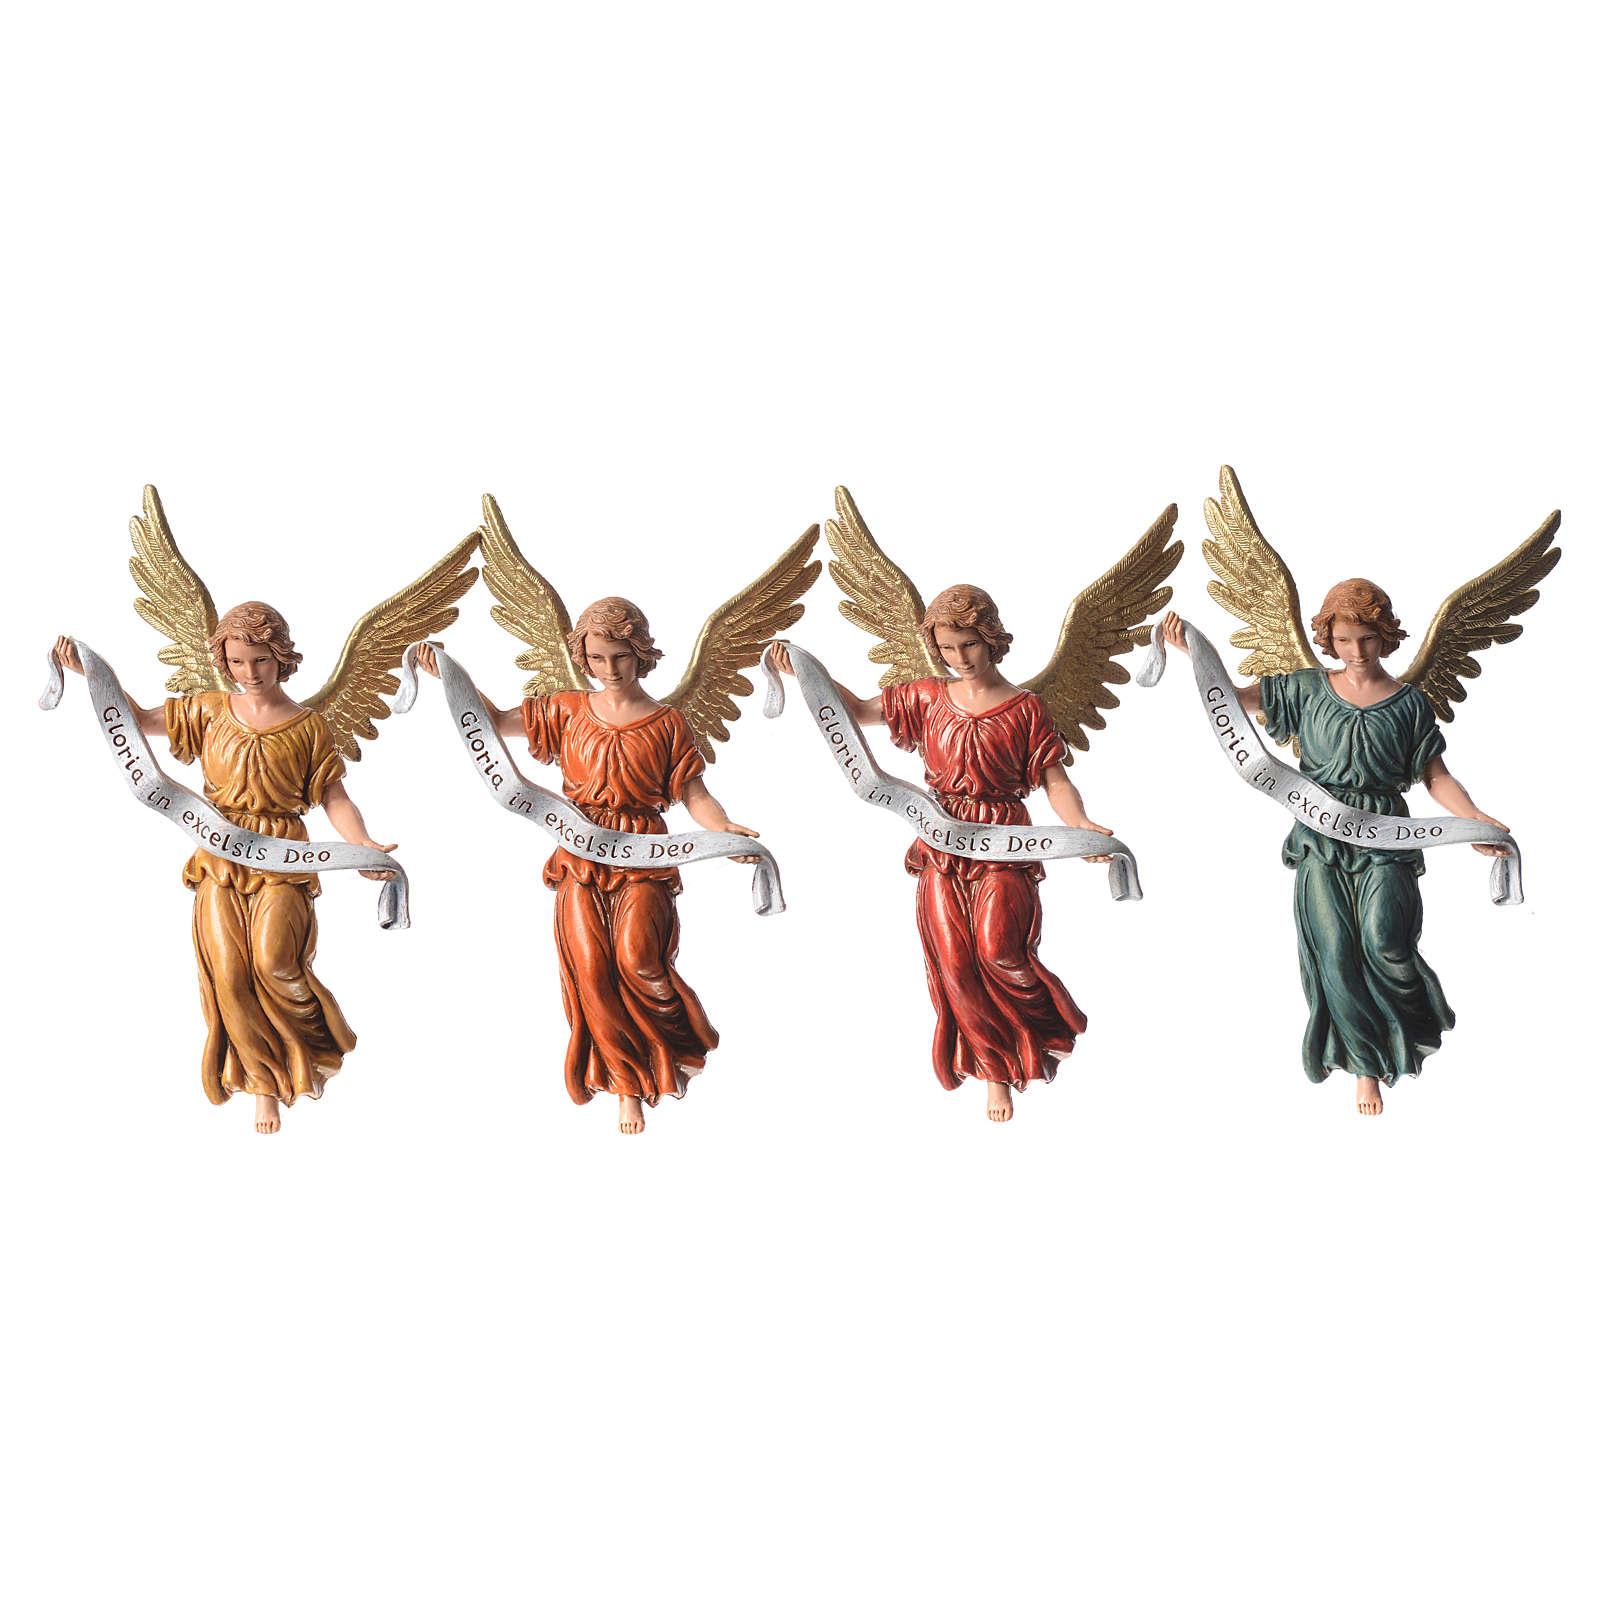 Anjo Glória 4 cores 13 cm Moranduzzo 4